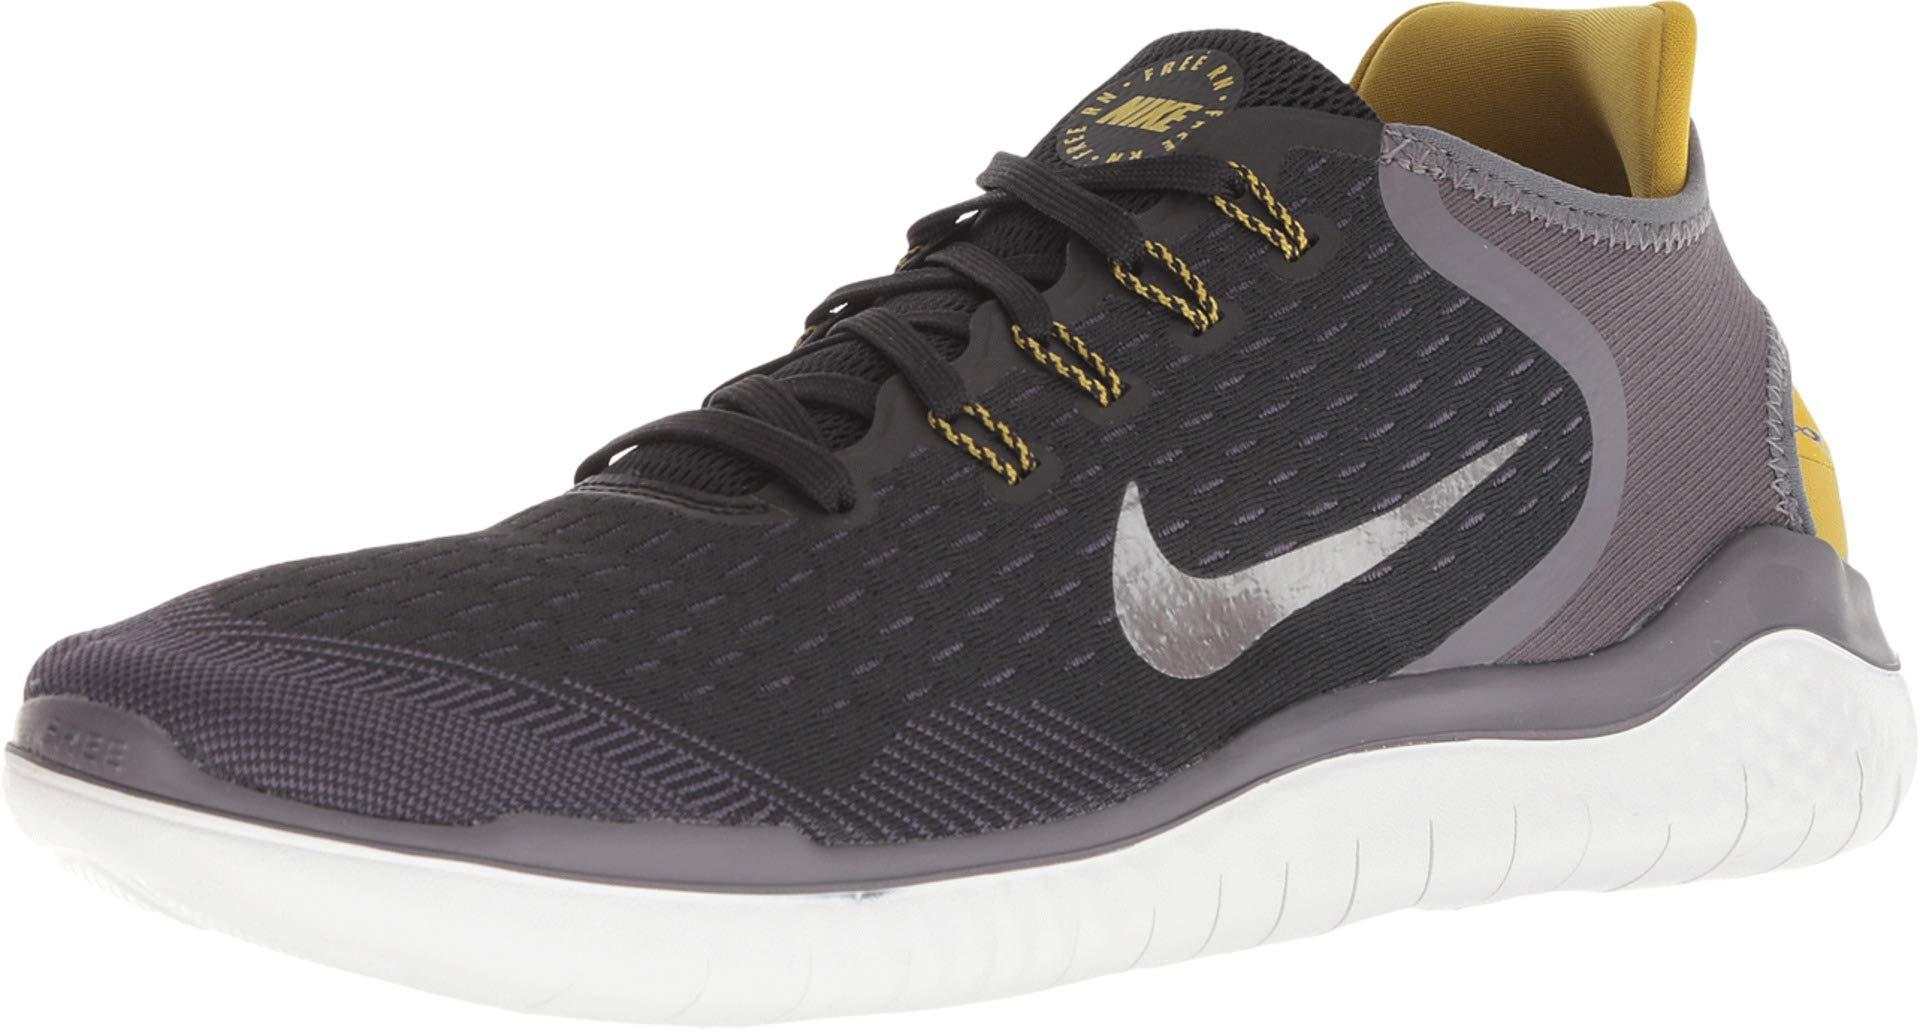 Nike Free RN 2018 Men's Running Shoe Black/MTLC Pewter-PEAT Moss-Thunder Grey 7.5